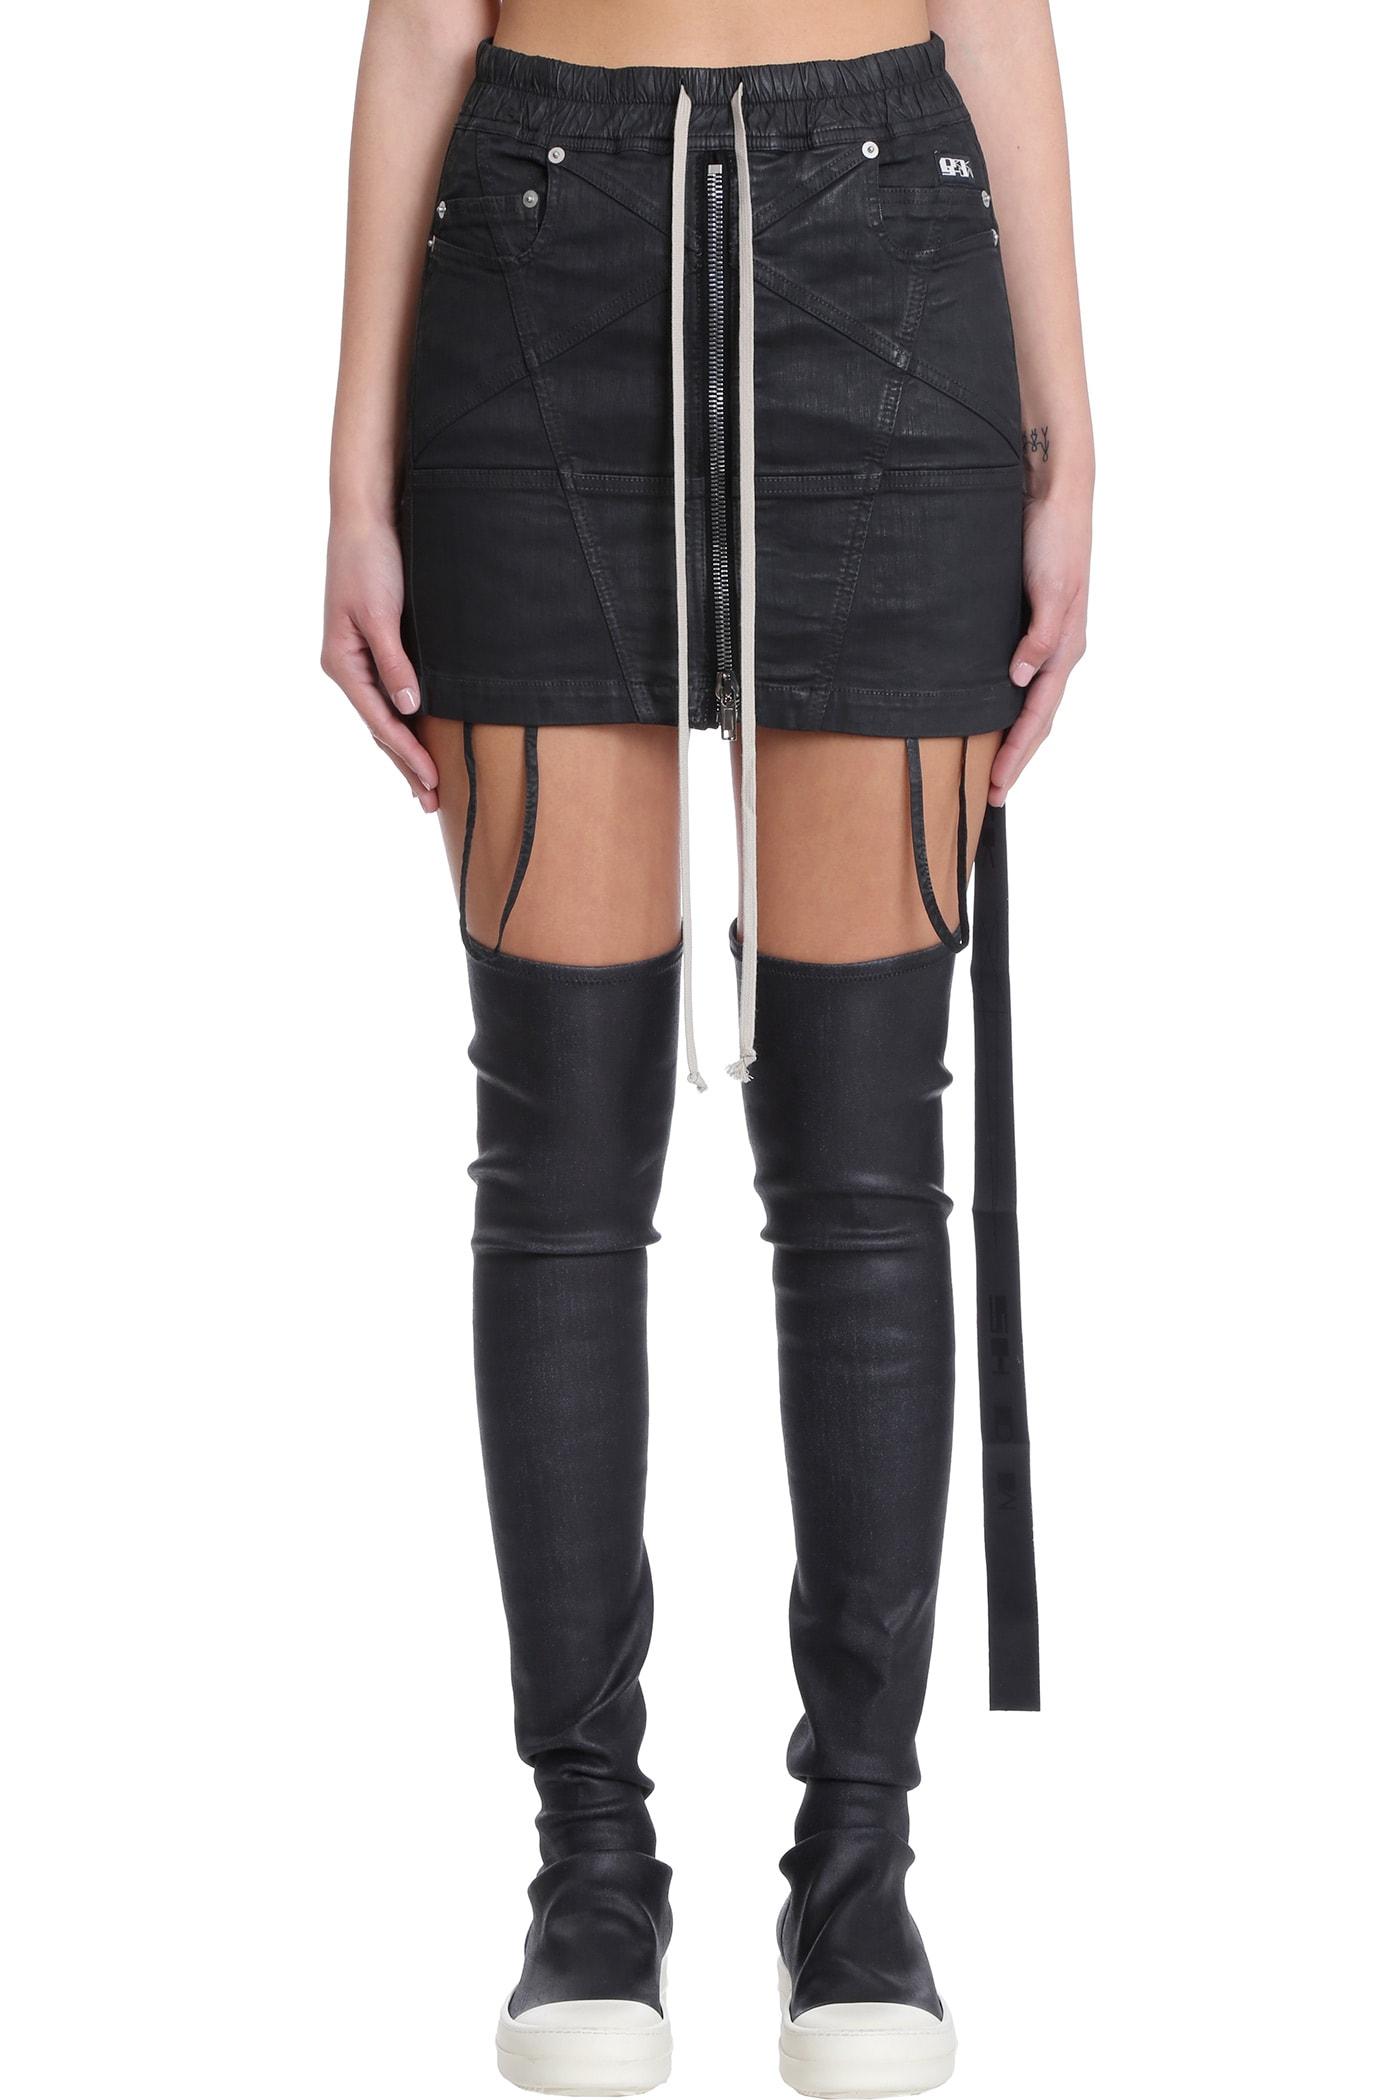 Skirt In Black Polyester